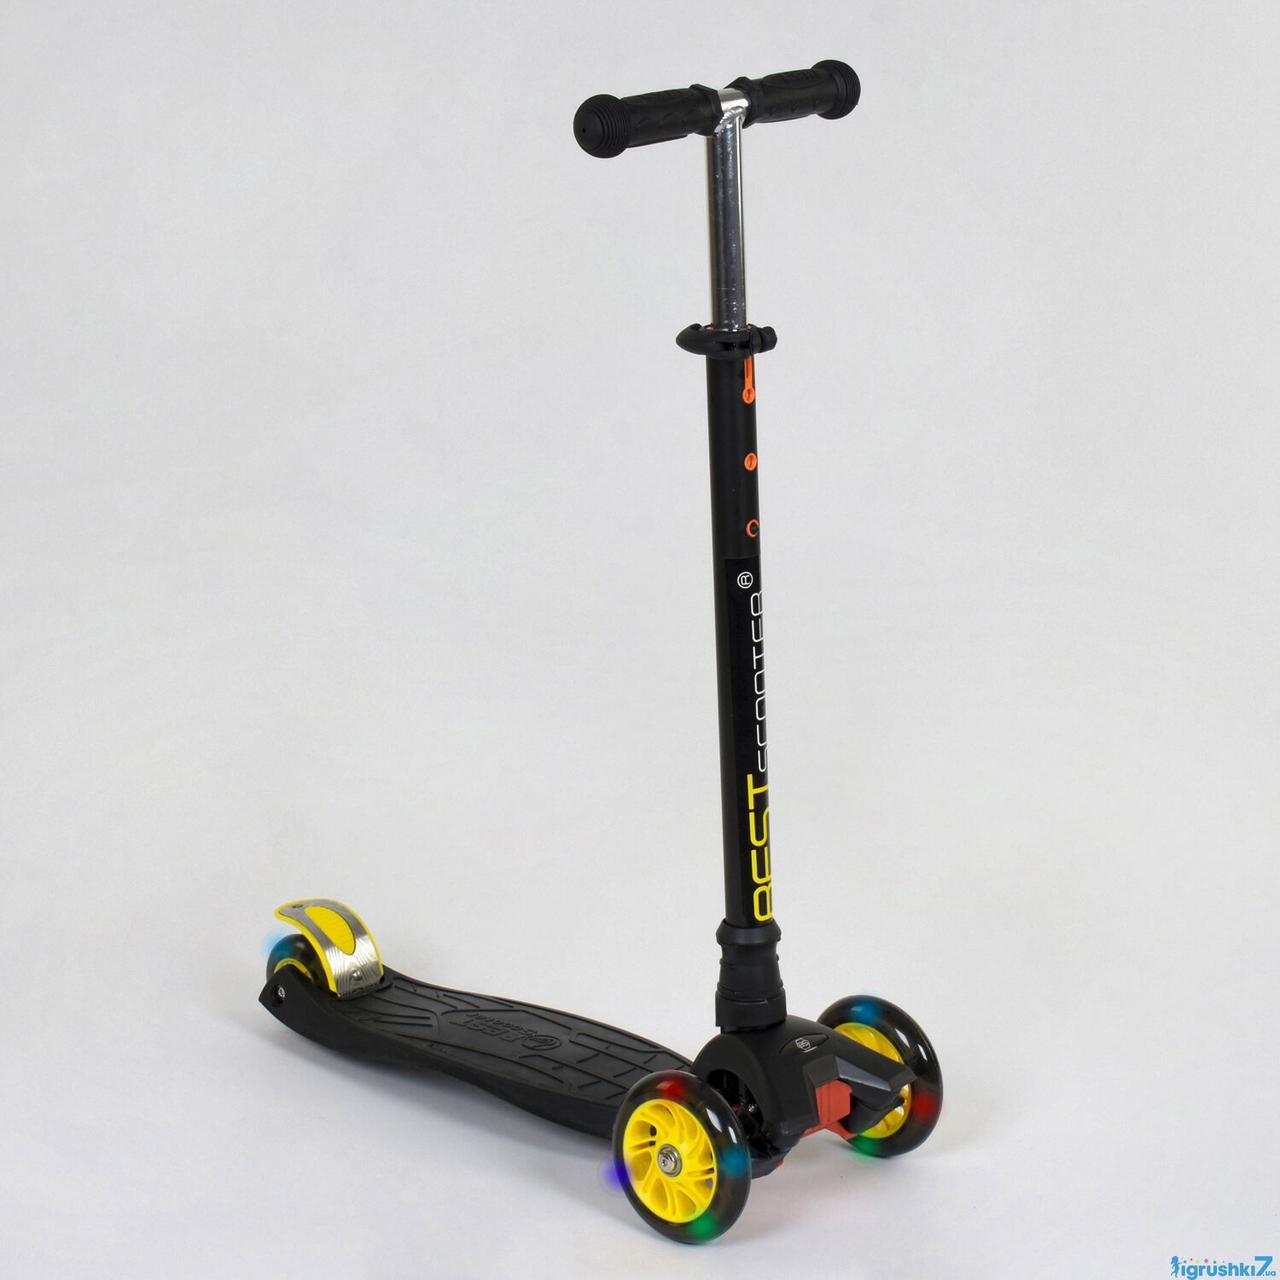 Дитячий триколісний самокат Best Scooter 466-113/A 24320 MAXI чорний